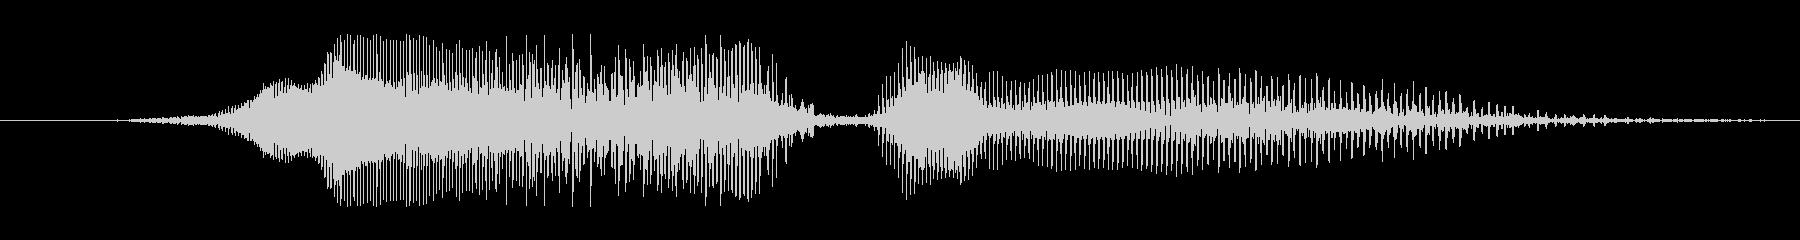 鳴き声 男性の勝利の勝利01の未再生の波形